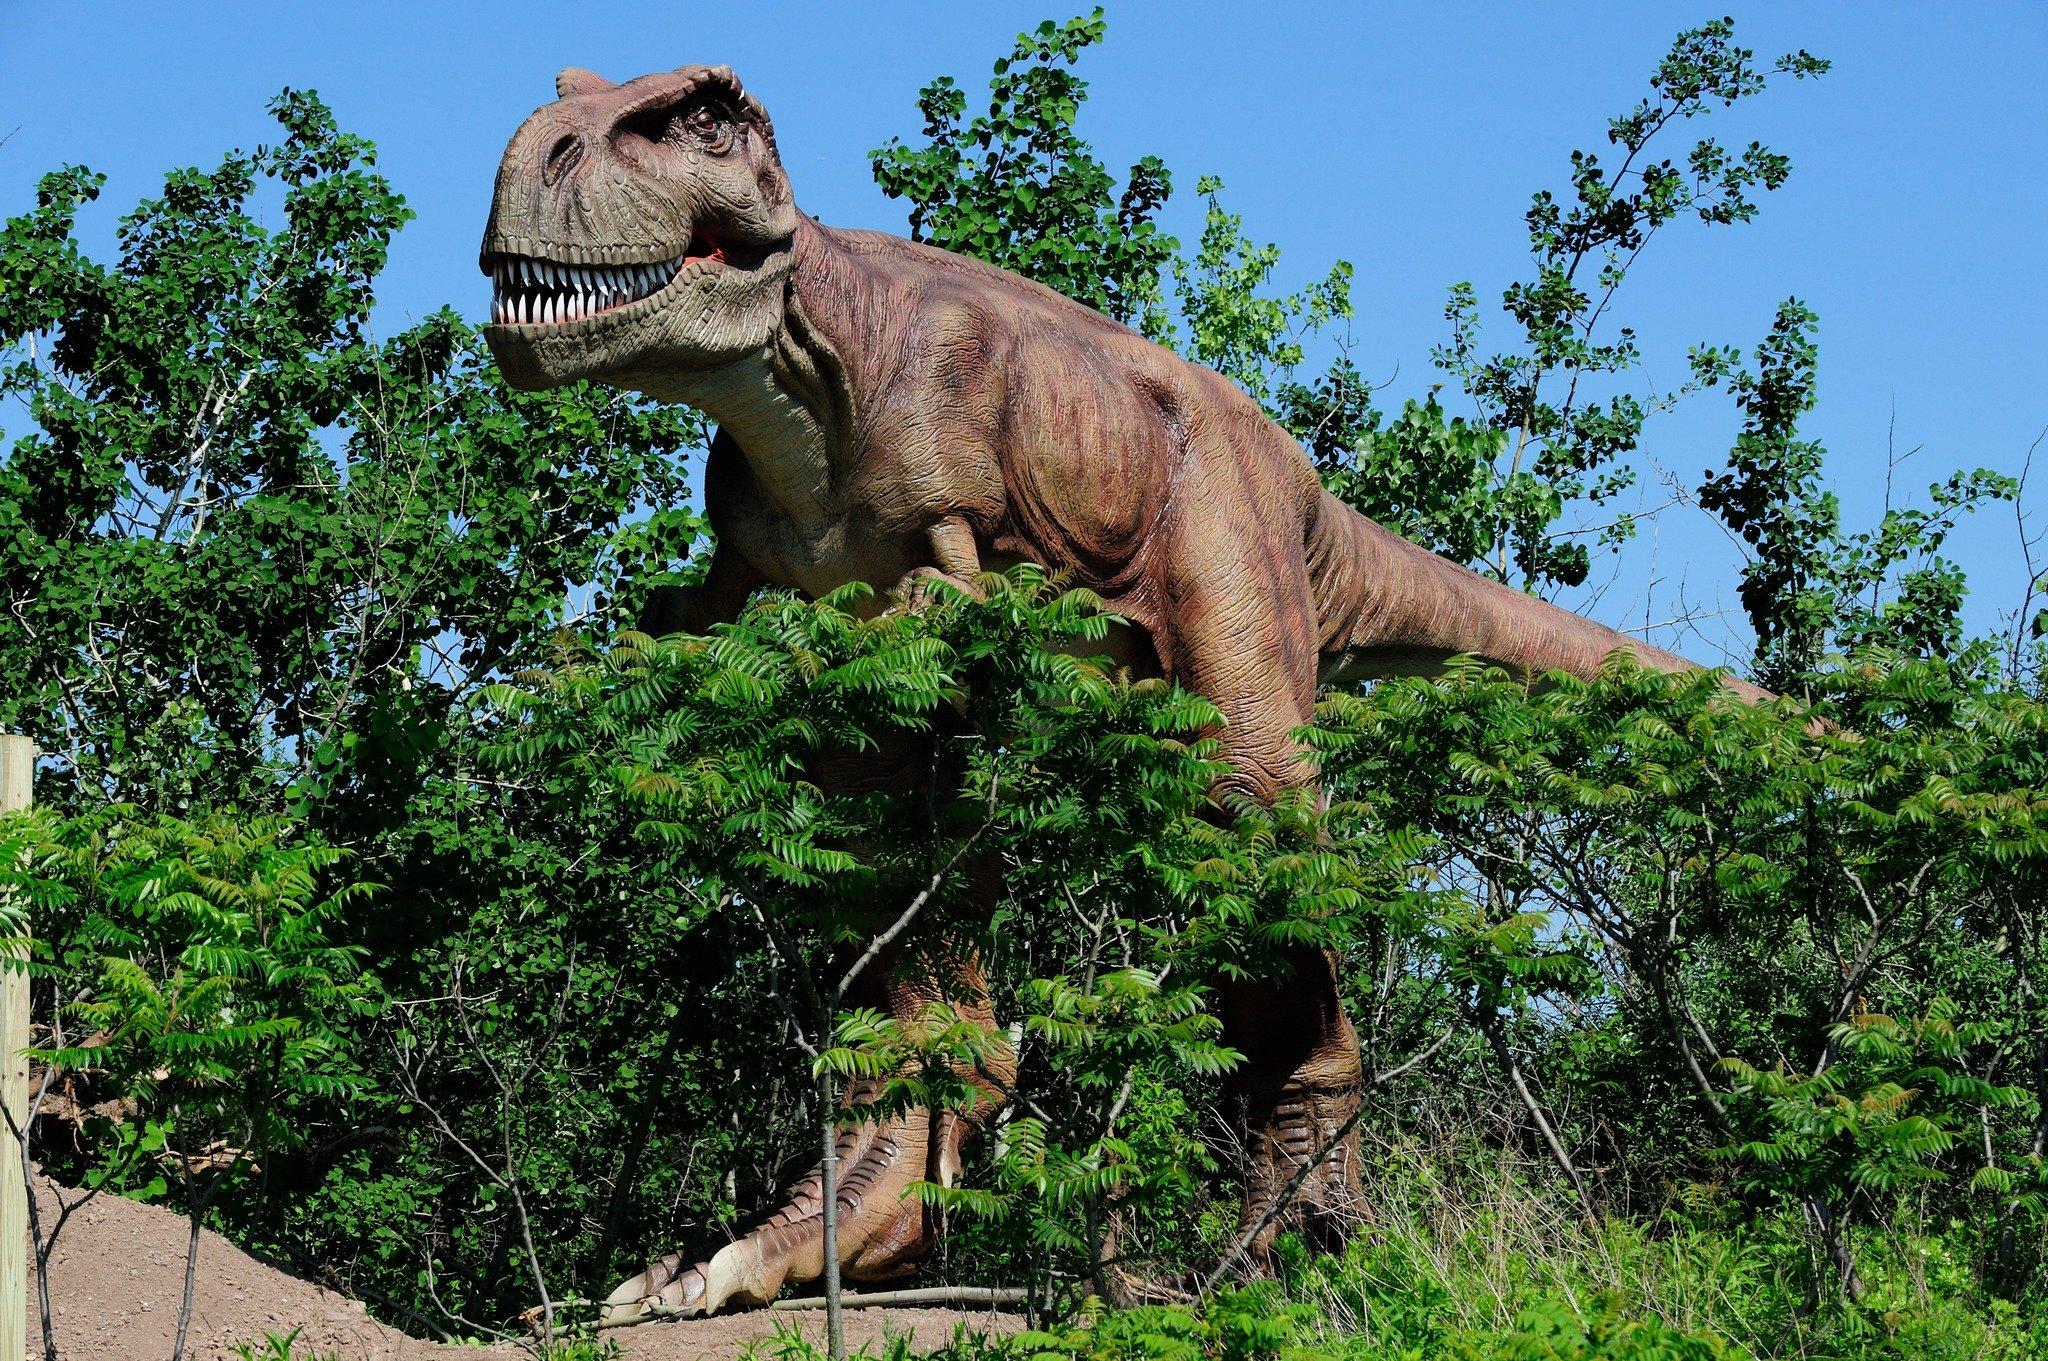 Discovery invită profesorii și elevii din școlile din România să creeze un dinozaur